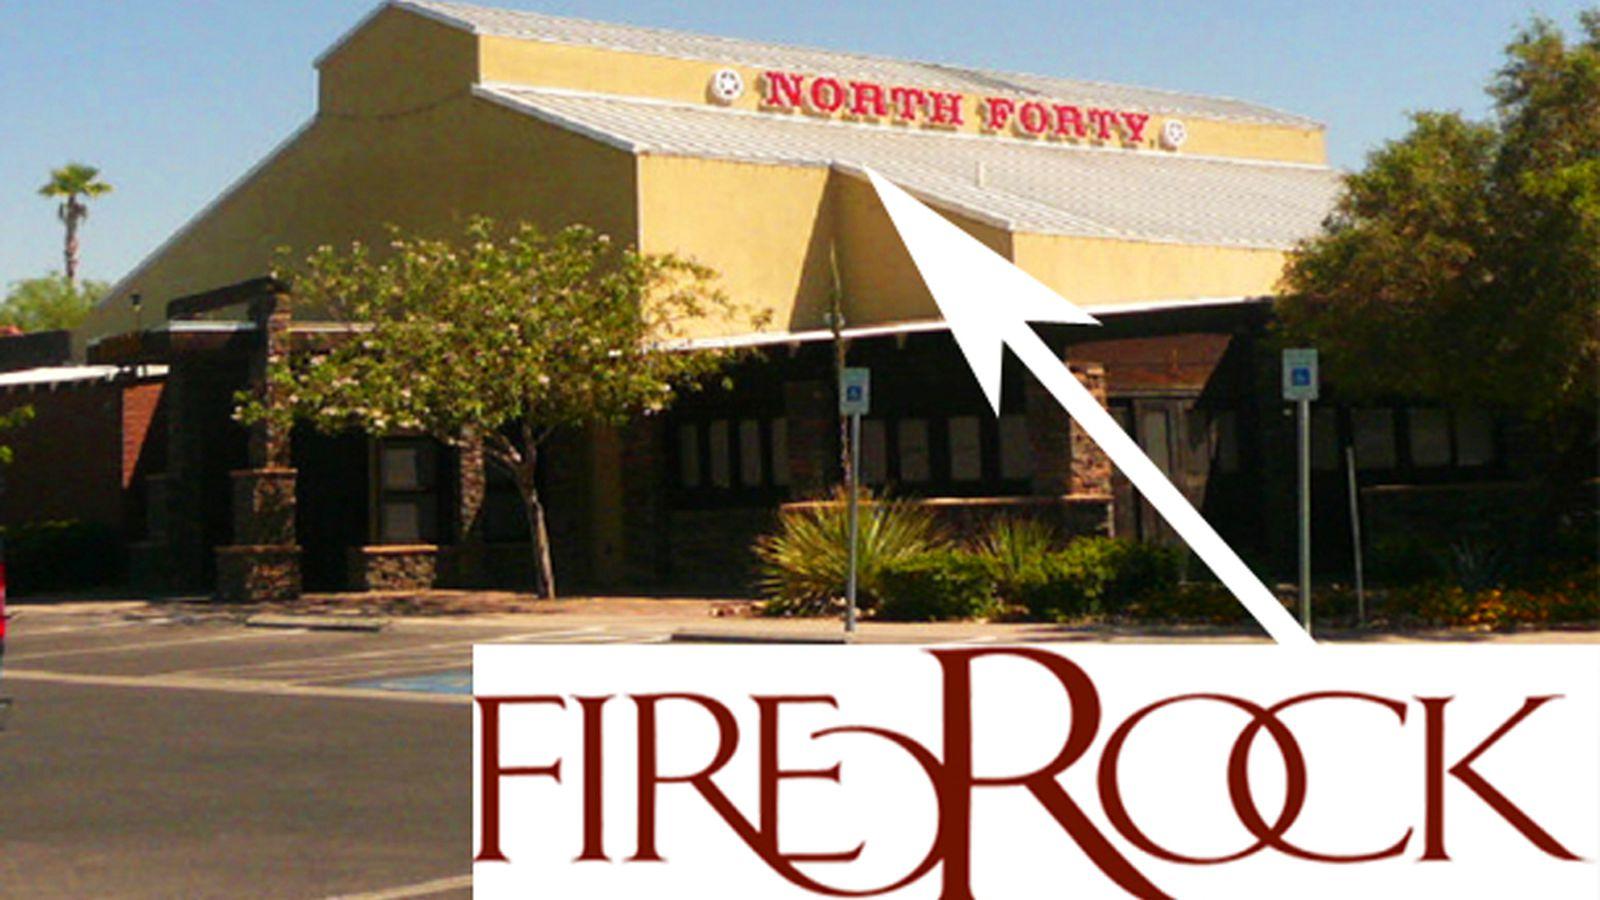 Casper Wyoming S Firerock Steakhouse To Centennial